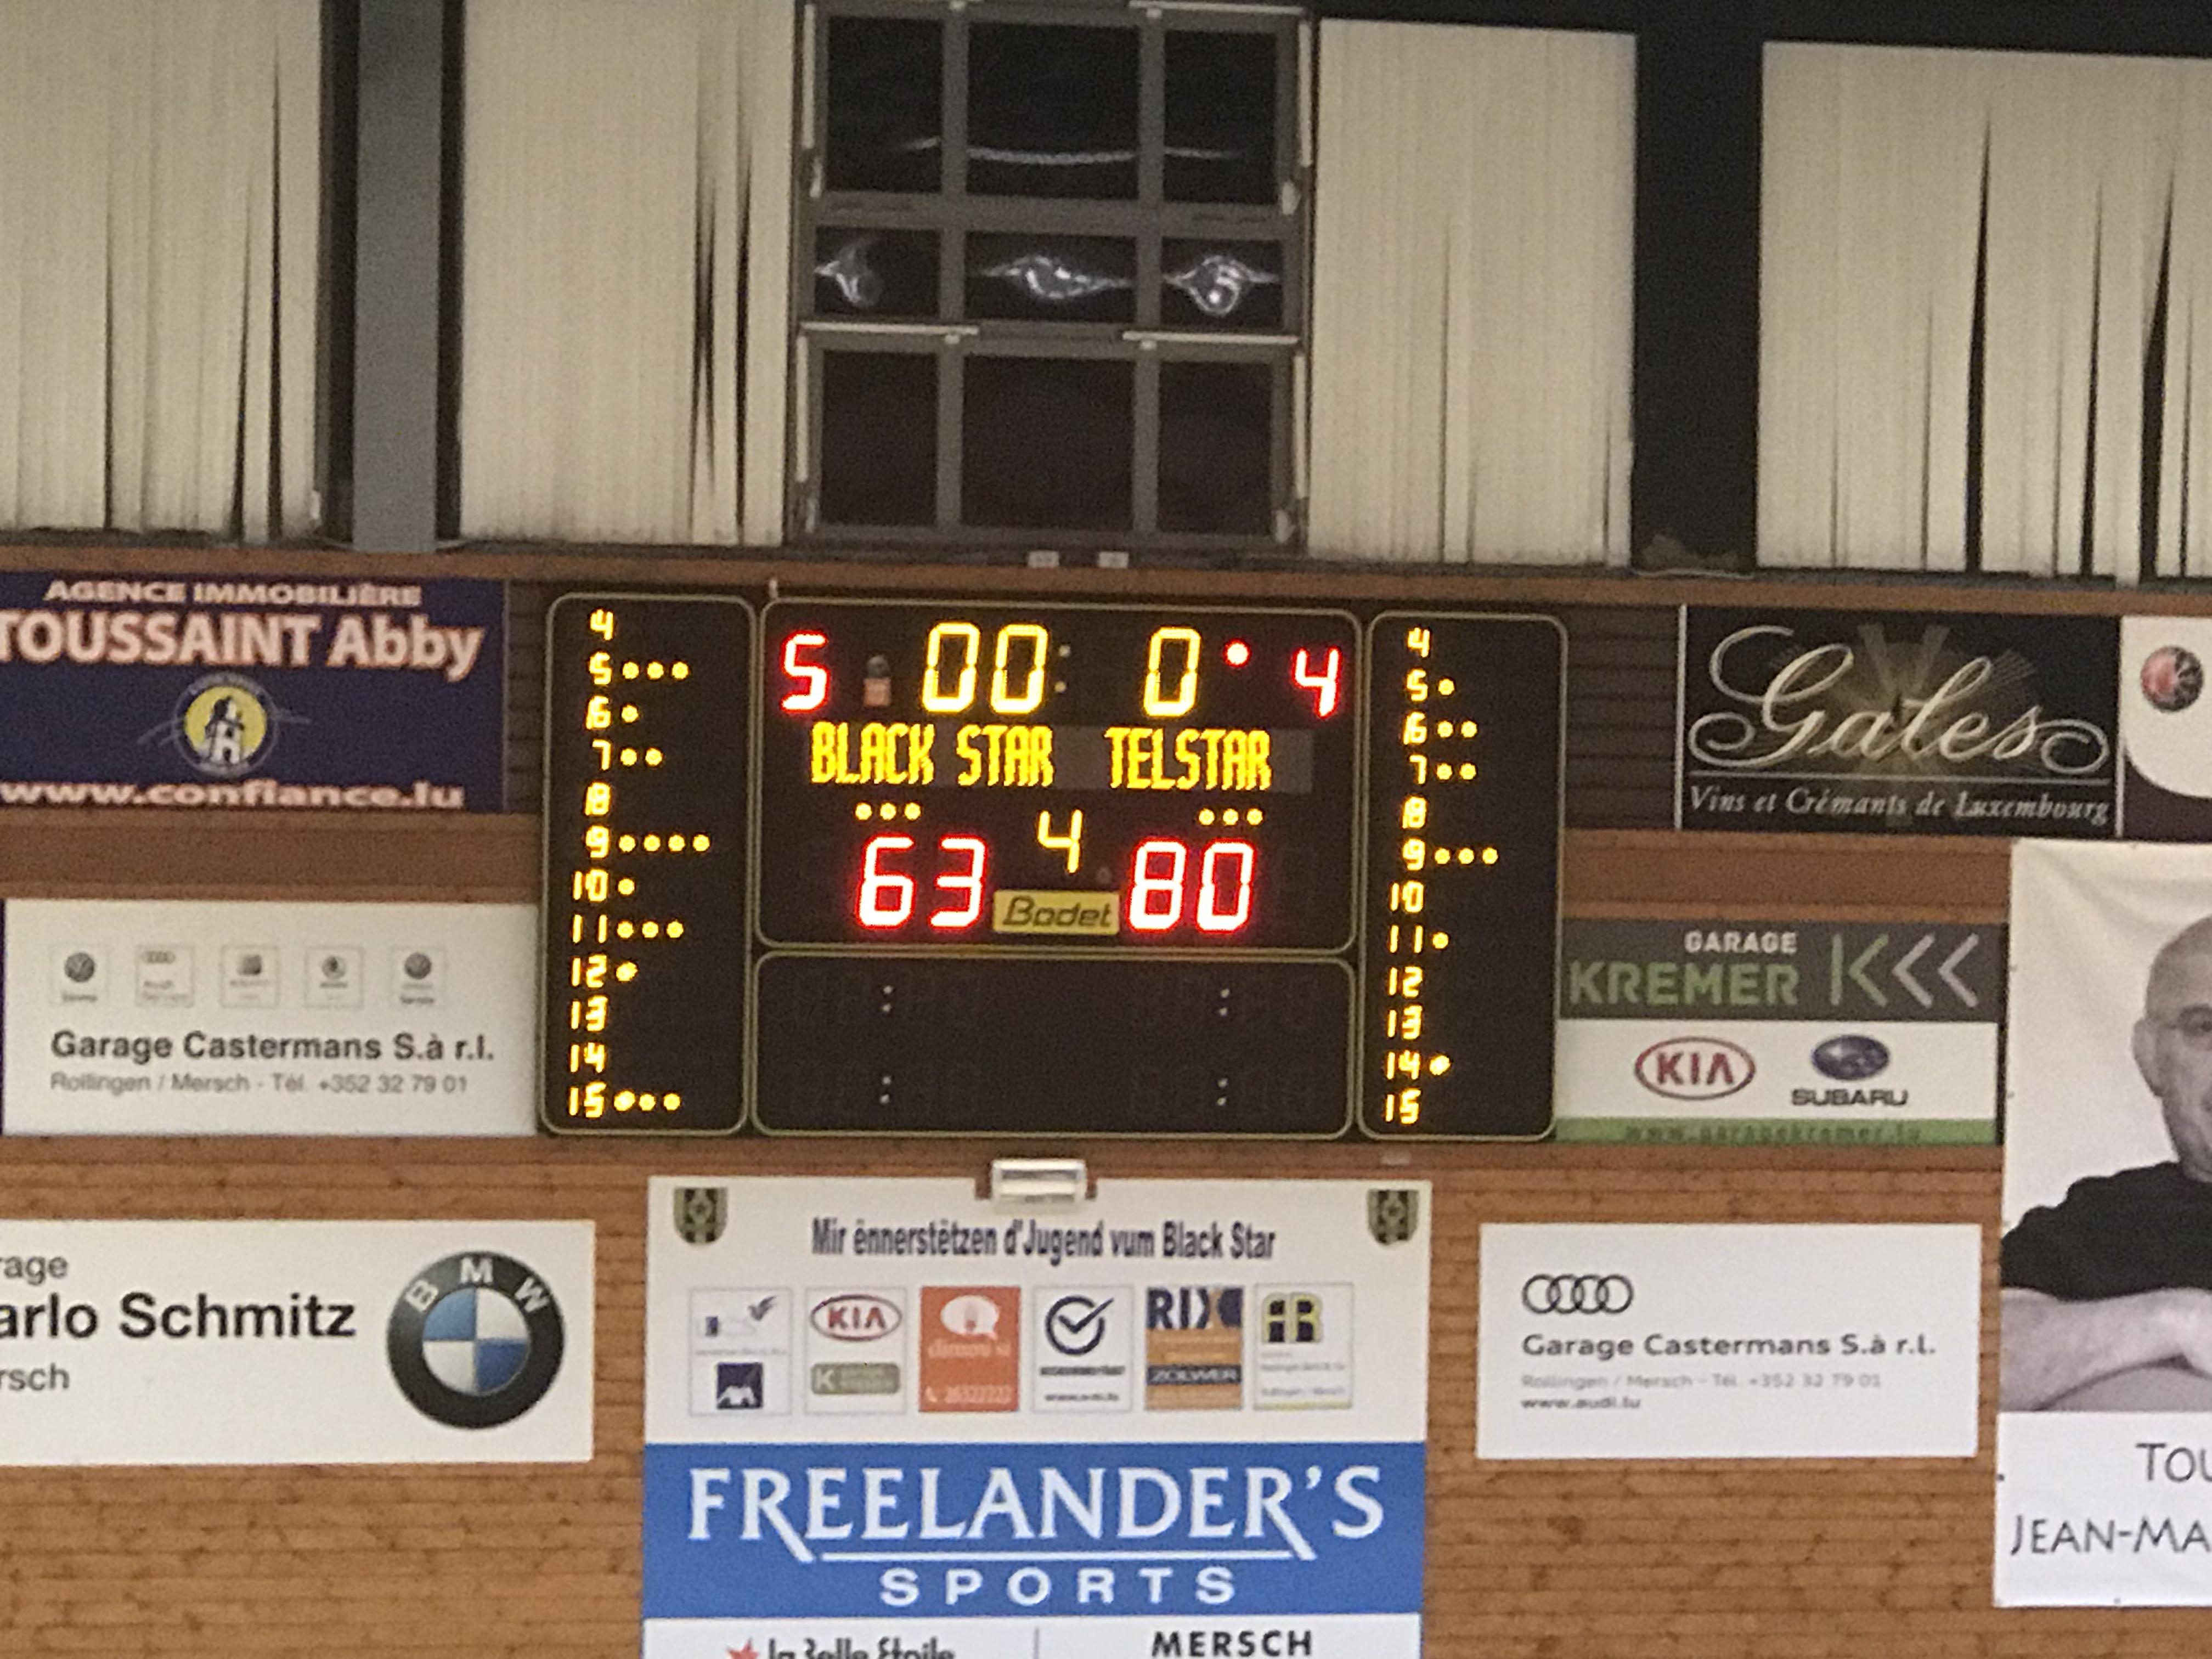 Hären: 63:80 Victoire zu Miersch!